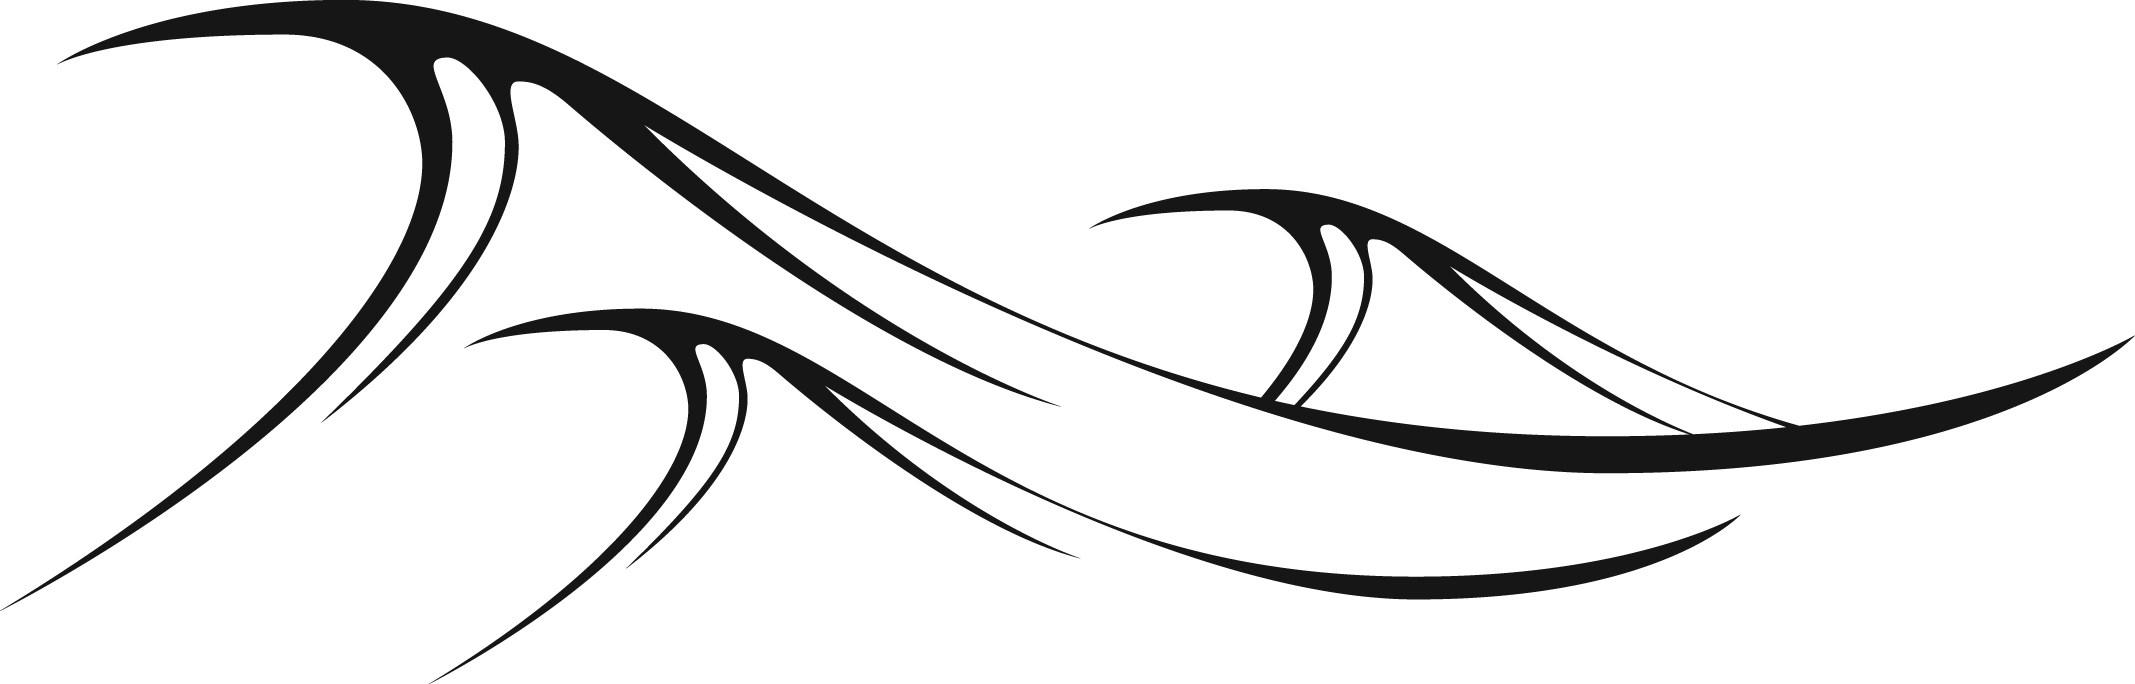 Ocean Wave Line Drawing | Free download best Ocean Wave Line